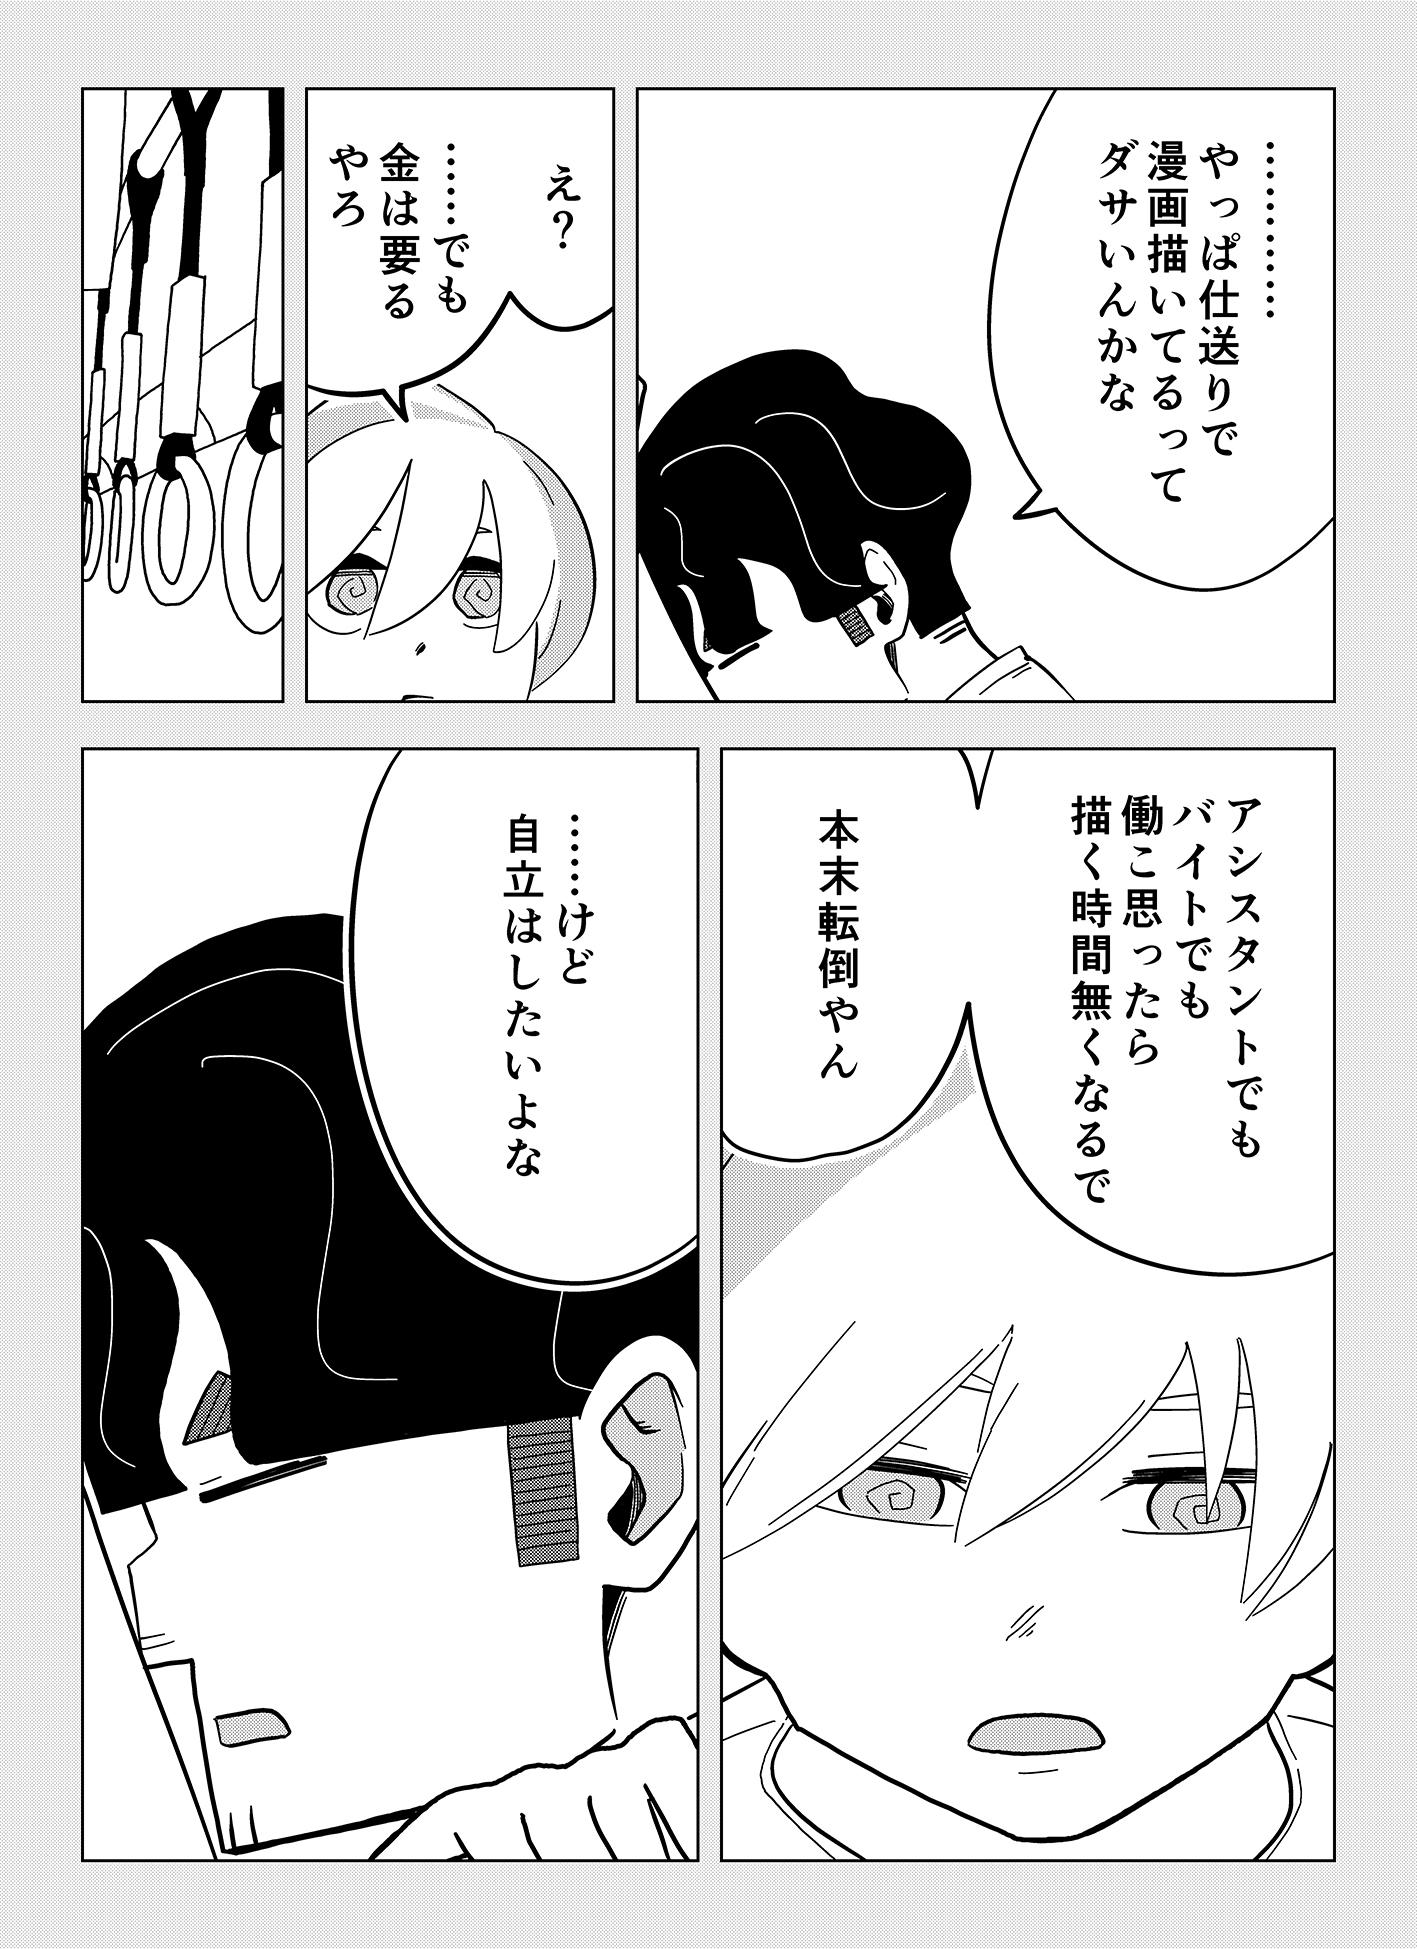 share13_004